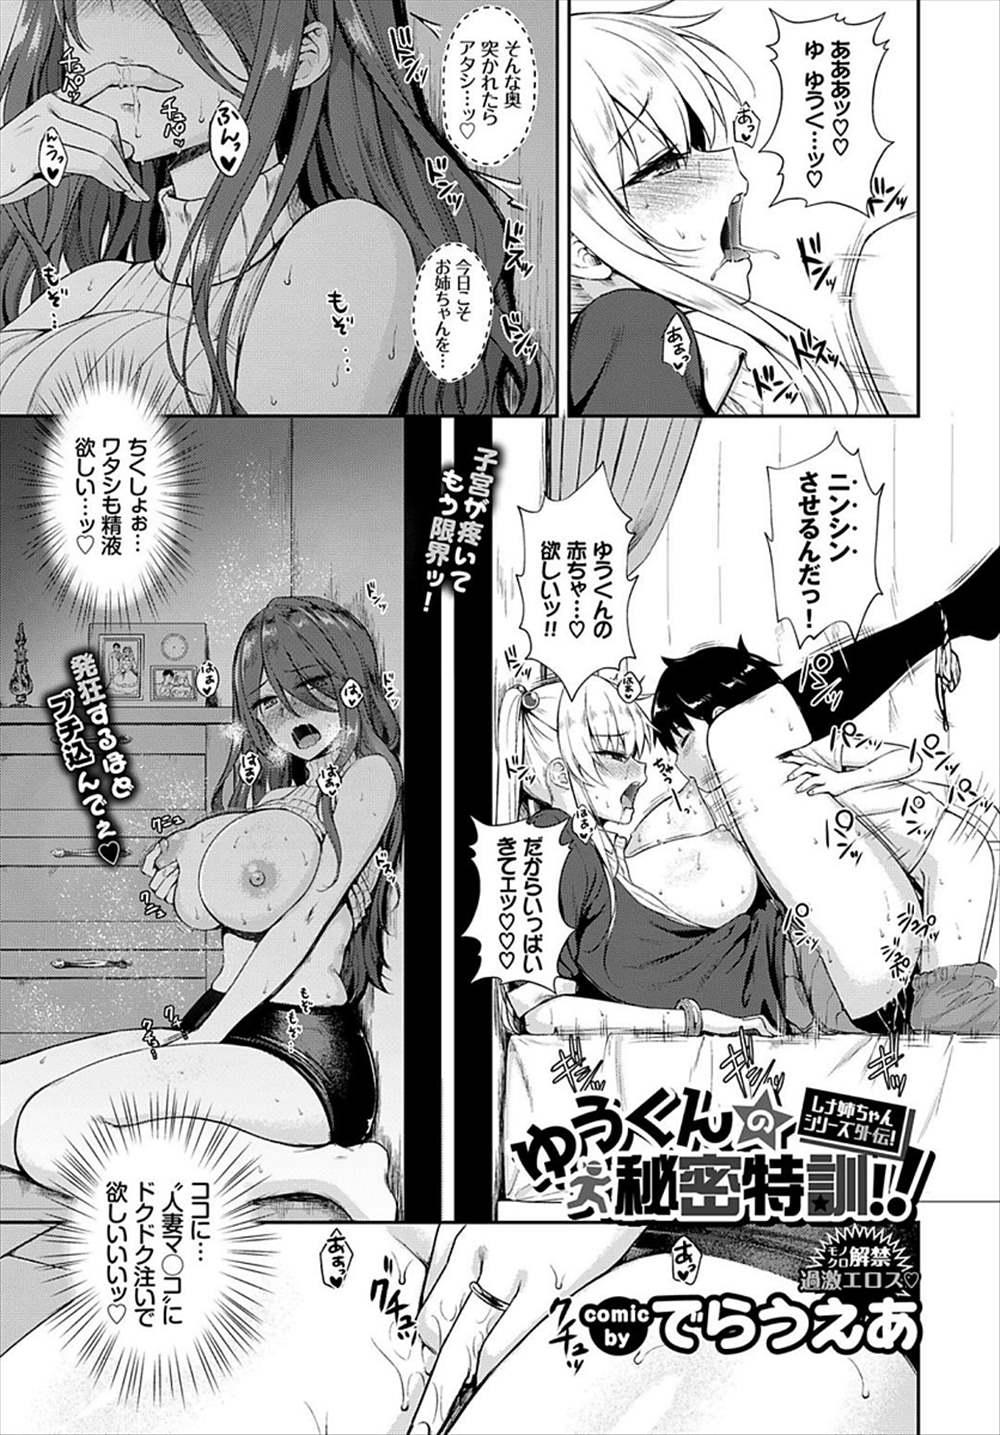 【エロ漫画】ショタに完全屈服した人妻子宮にザーメンドピュドピュ…排卵直前の子宮にショタの精液流されアヘ顔にww【でらうえあ:ゆうくんの秘密の特訓】